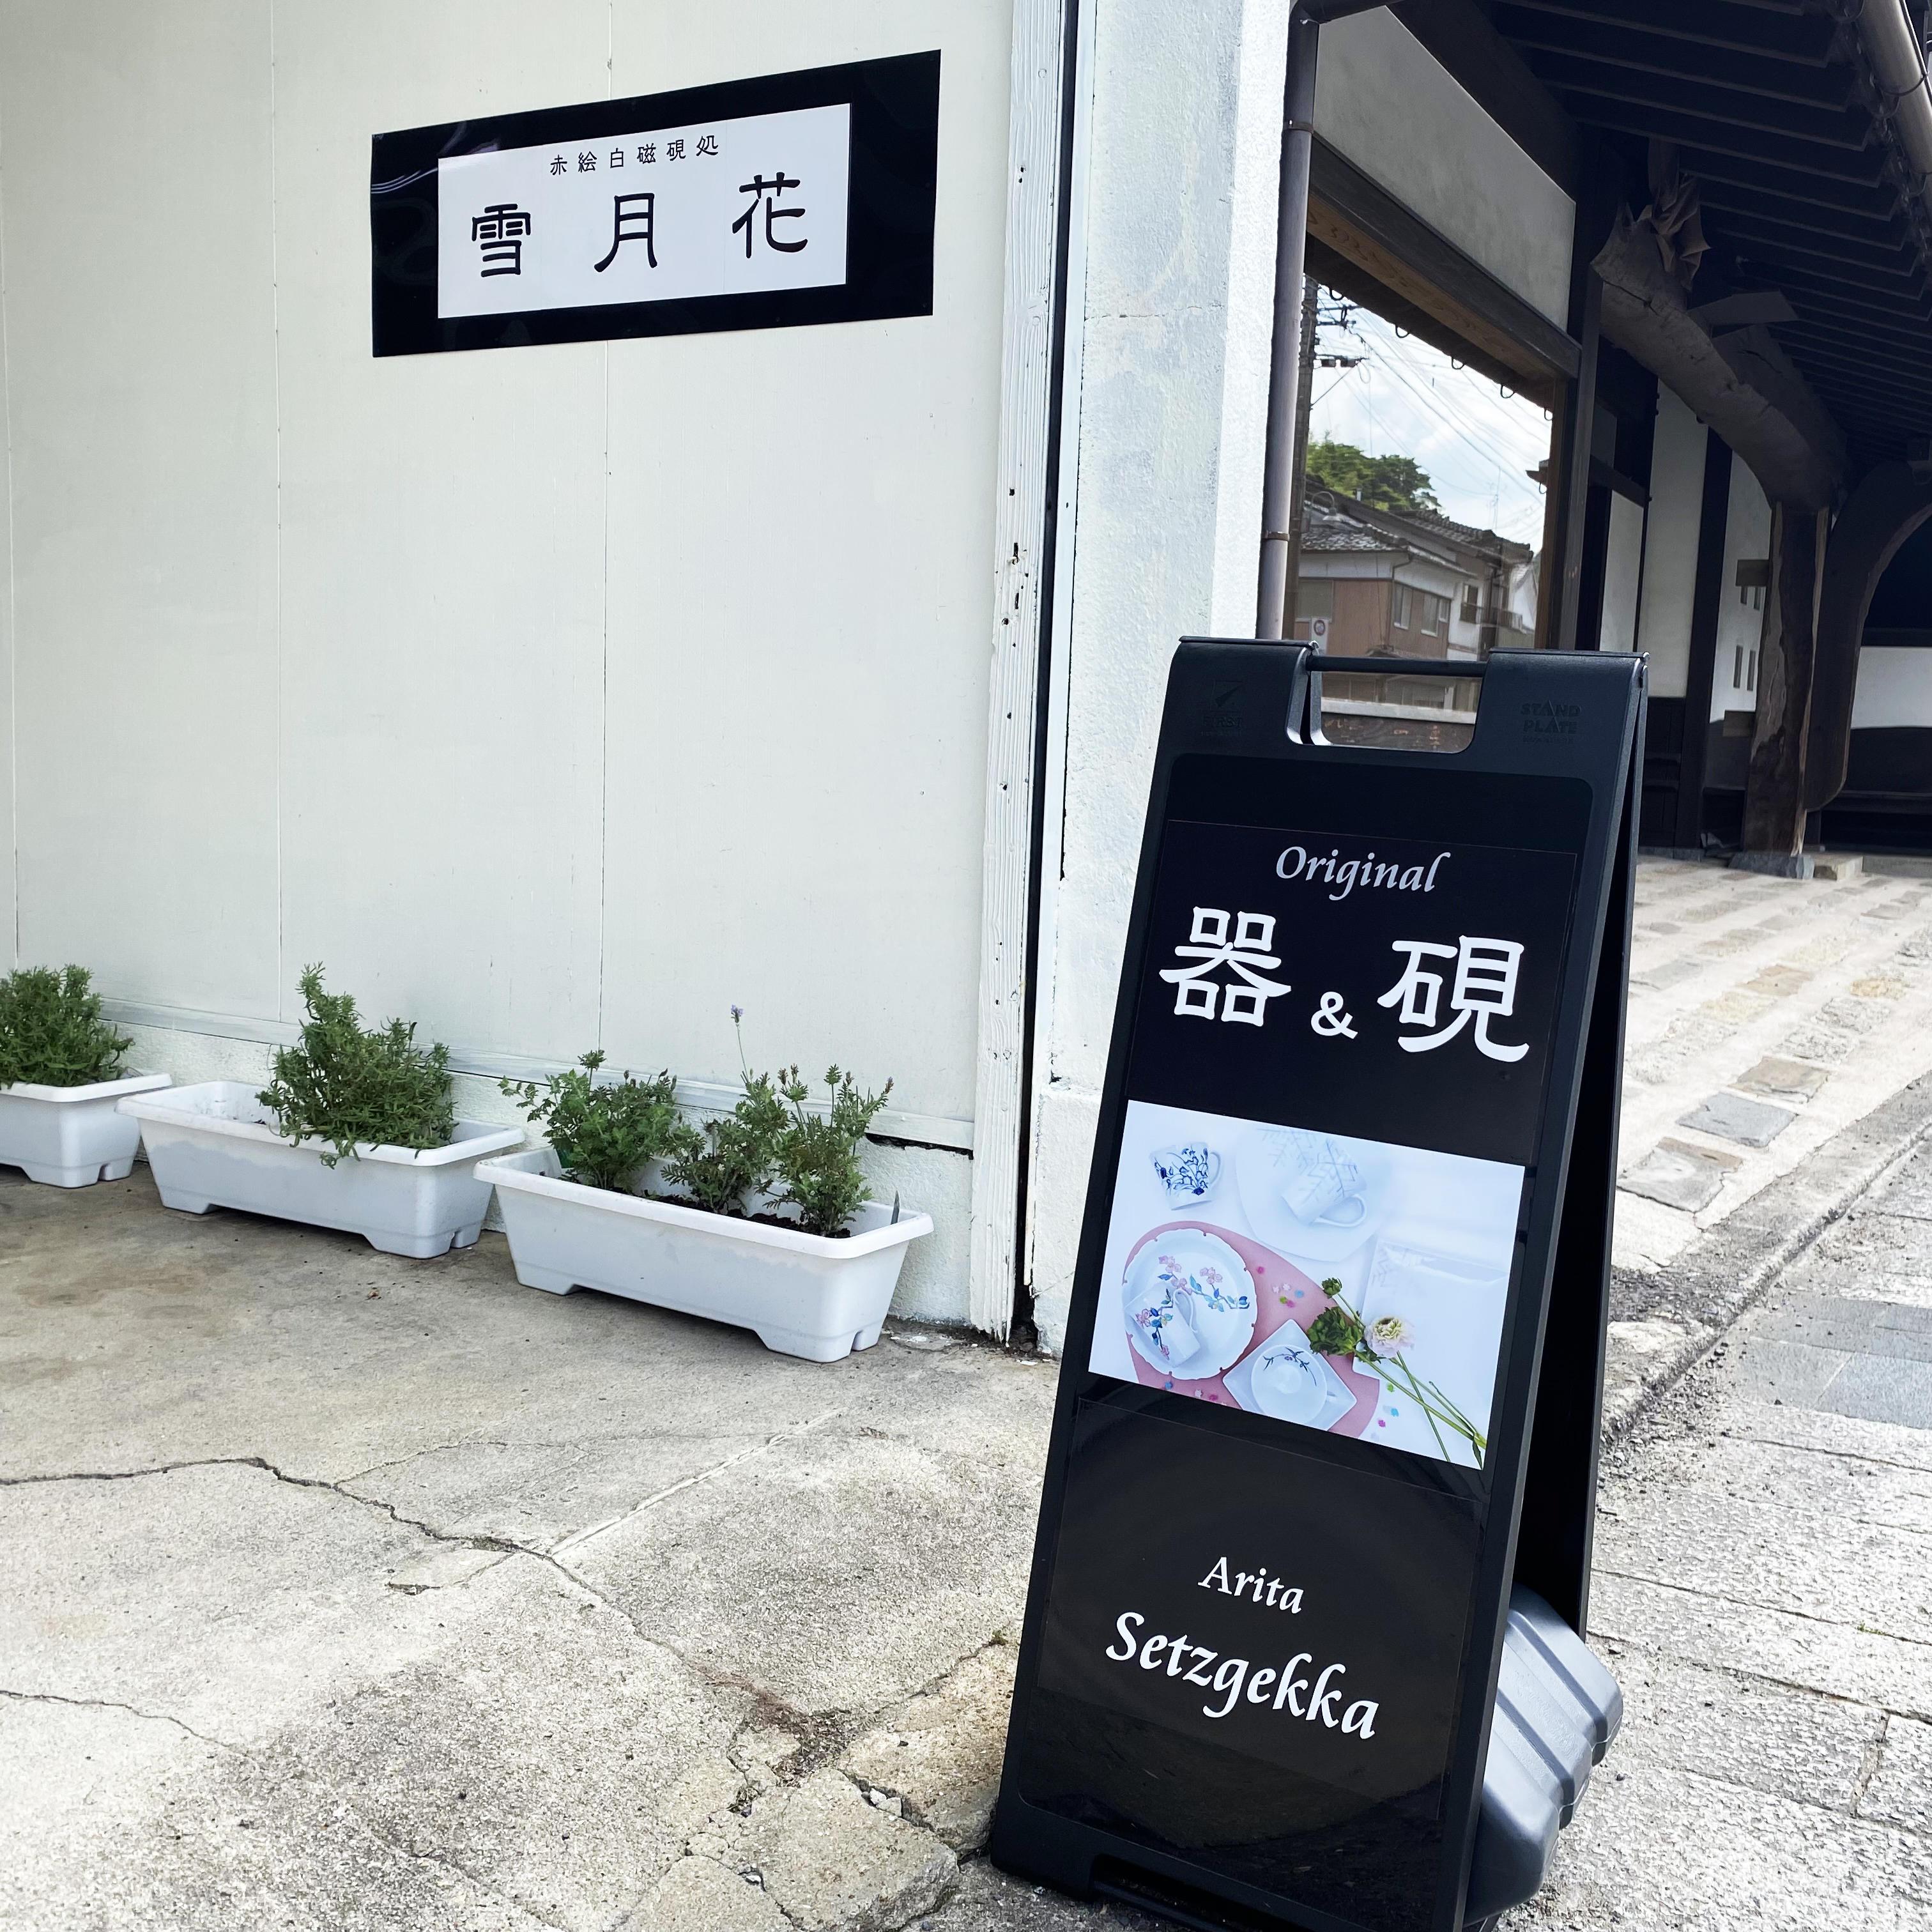 上幸平店は内山地区の大通りに面しており、トンバイ塀通り商店会にあります。<br />「器&硯」の看板が目印です。